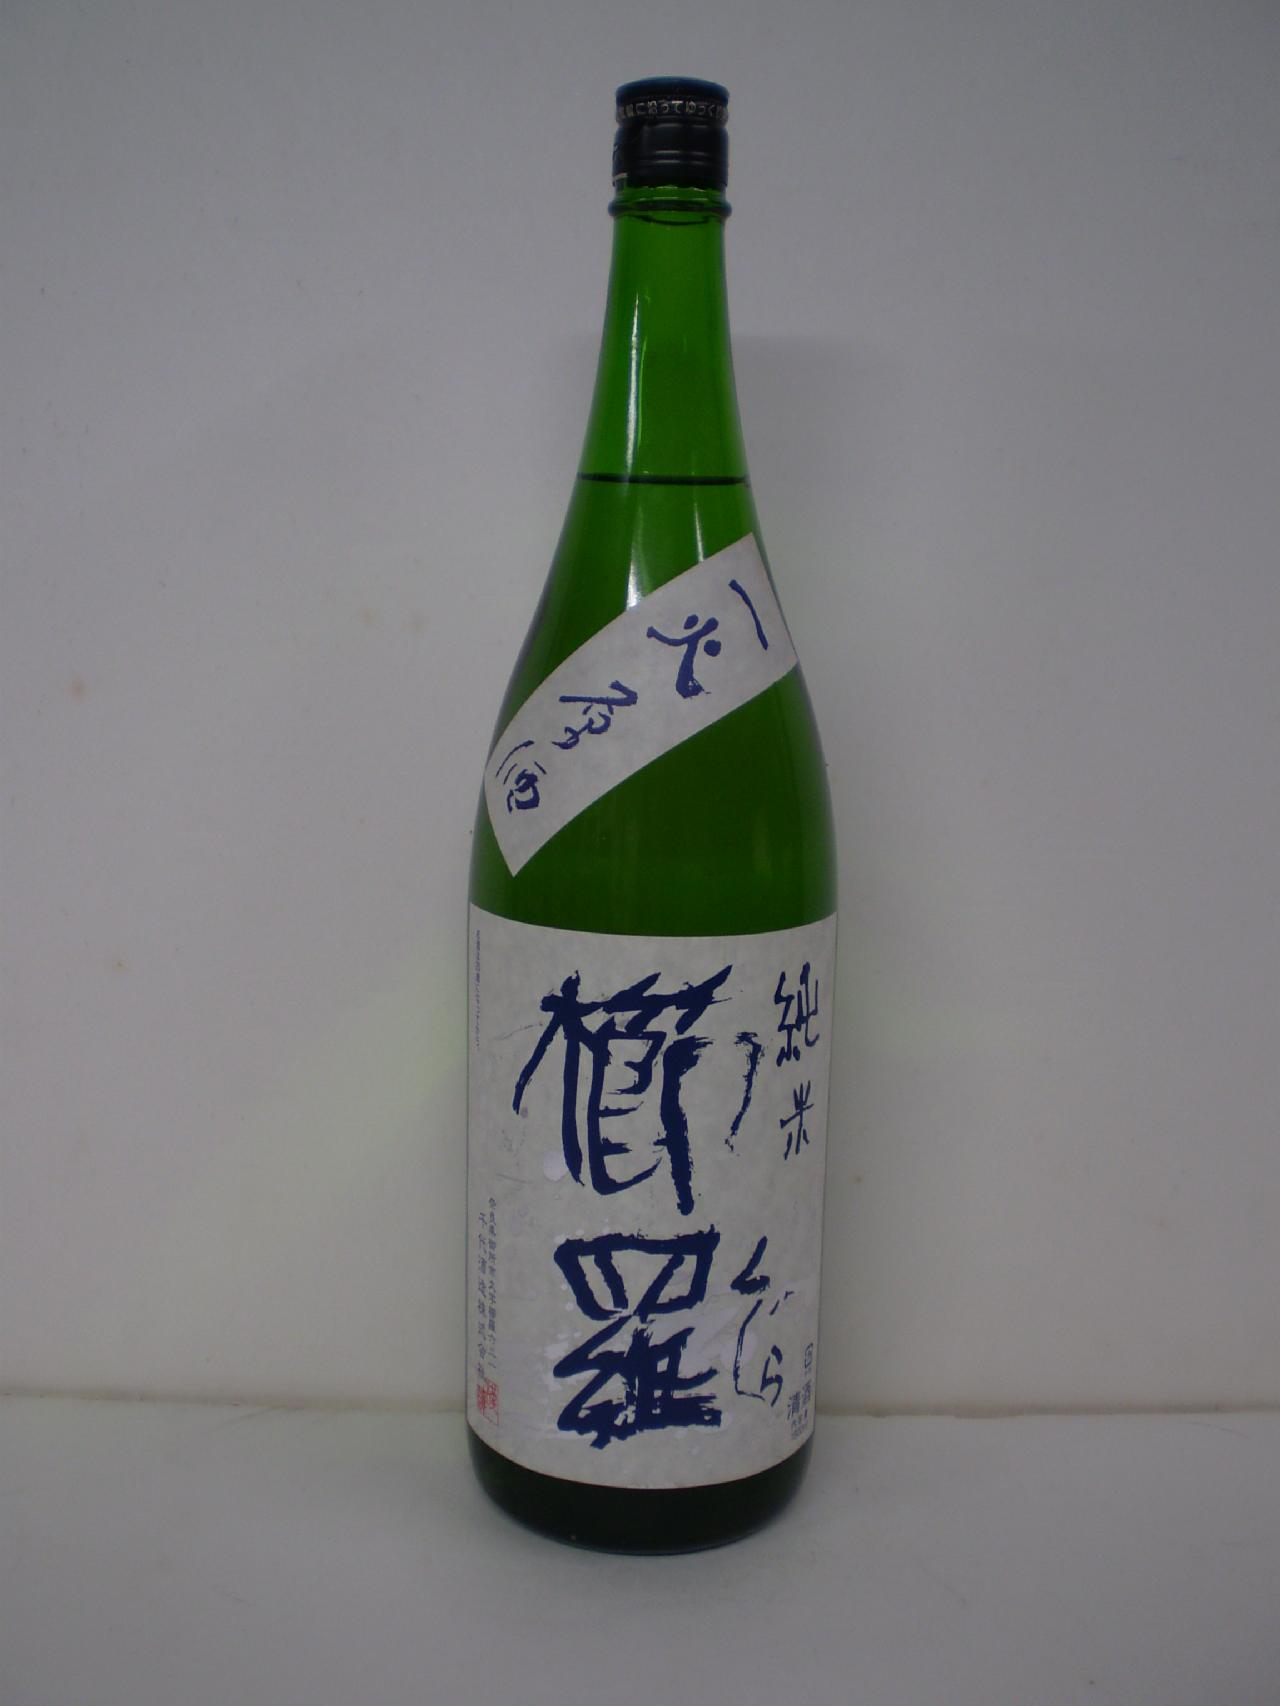 櫛羅 純米 一火原酒 1800ml 千代酒造